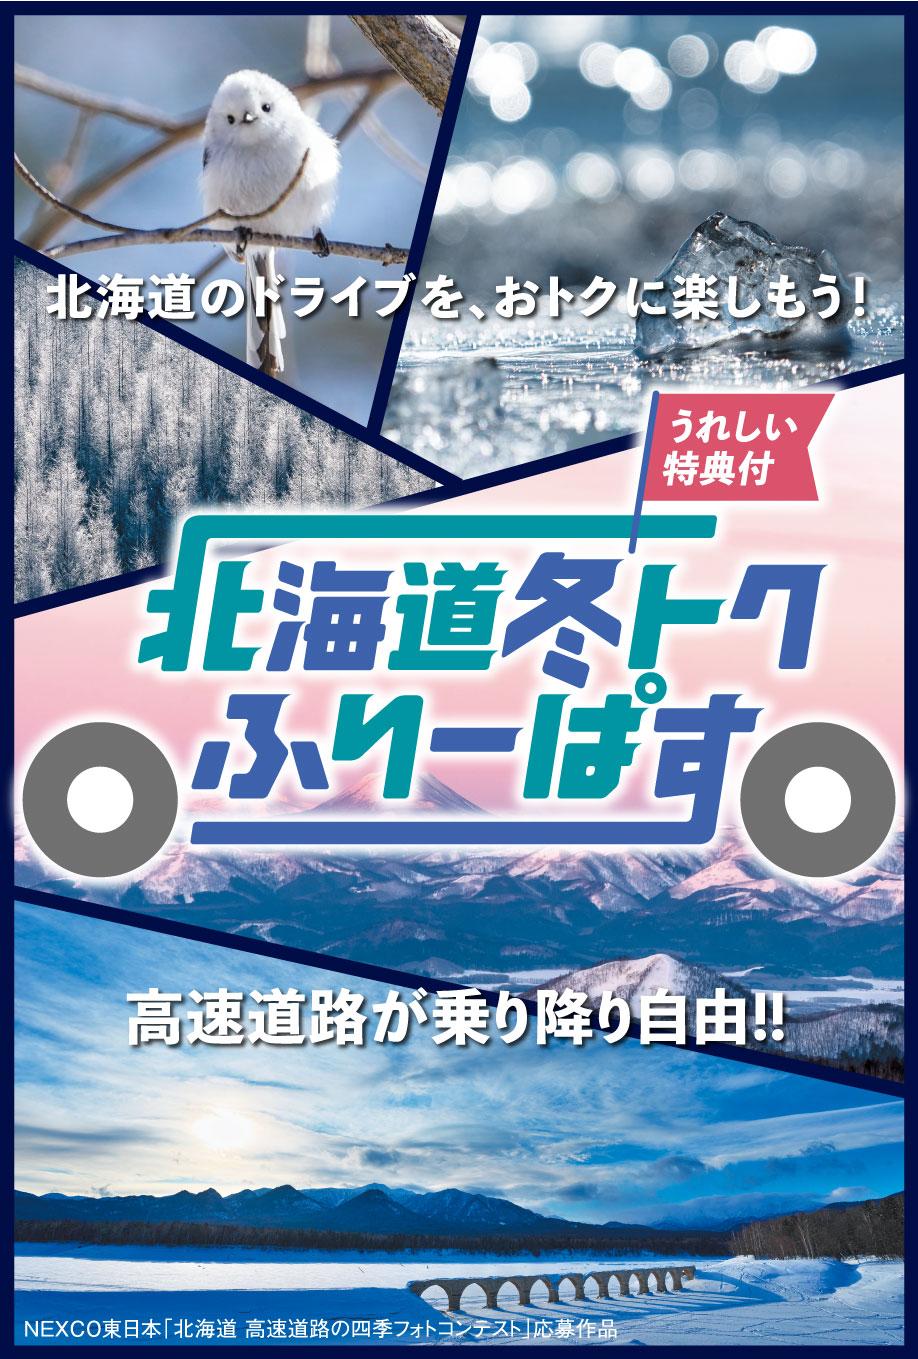 カメラ ライブ 道路 北海道 情報